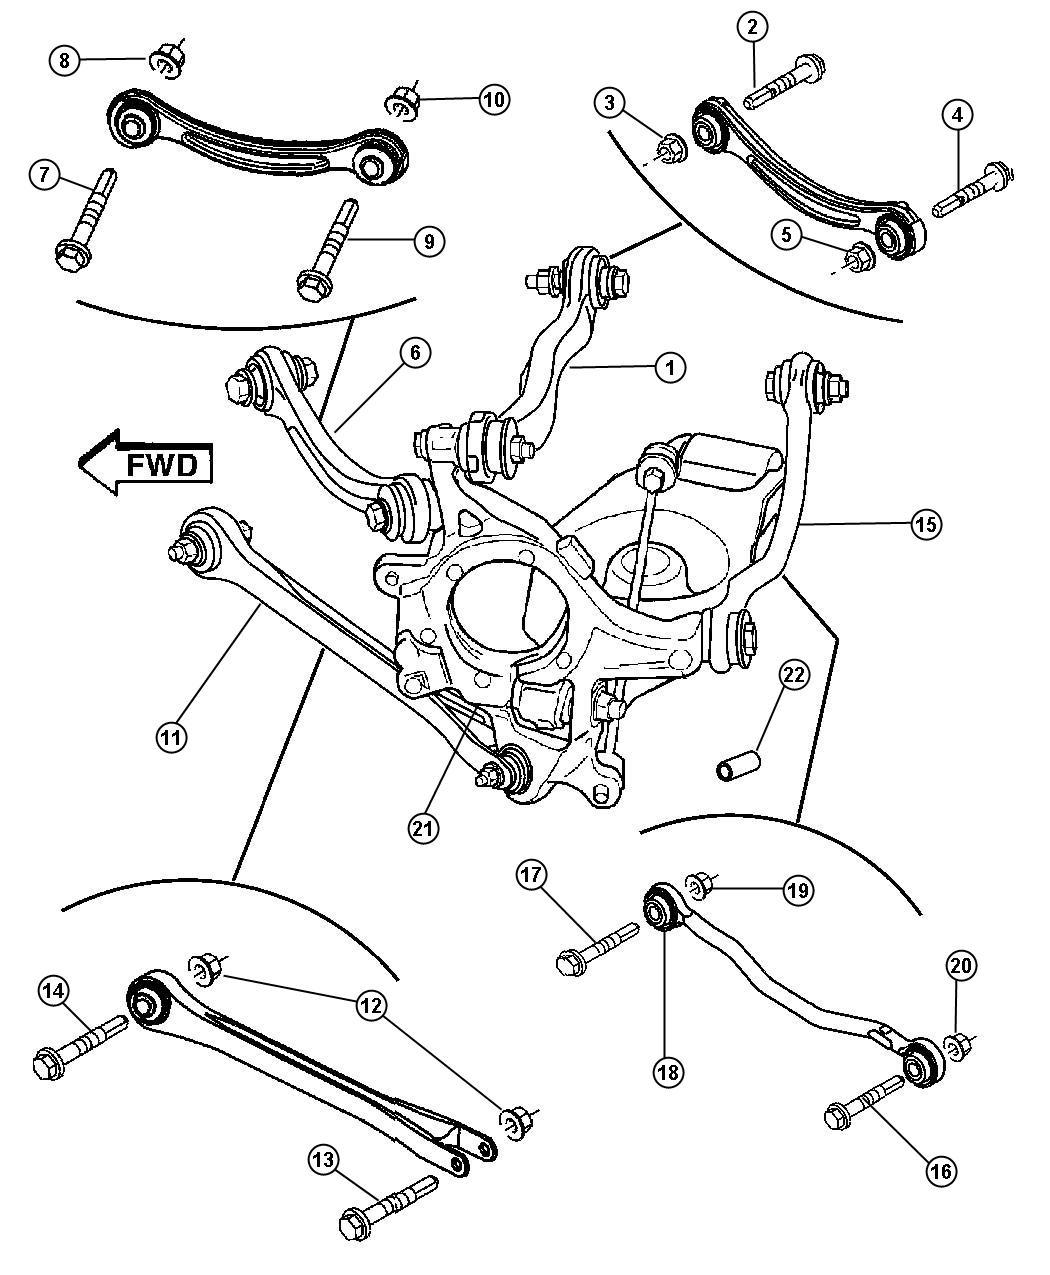 Chrysler 300 Link Assembly Tension Link Suspension